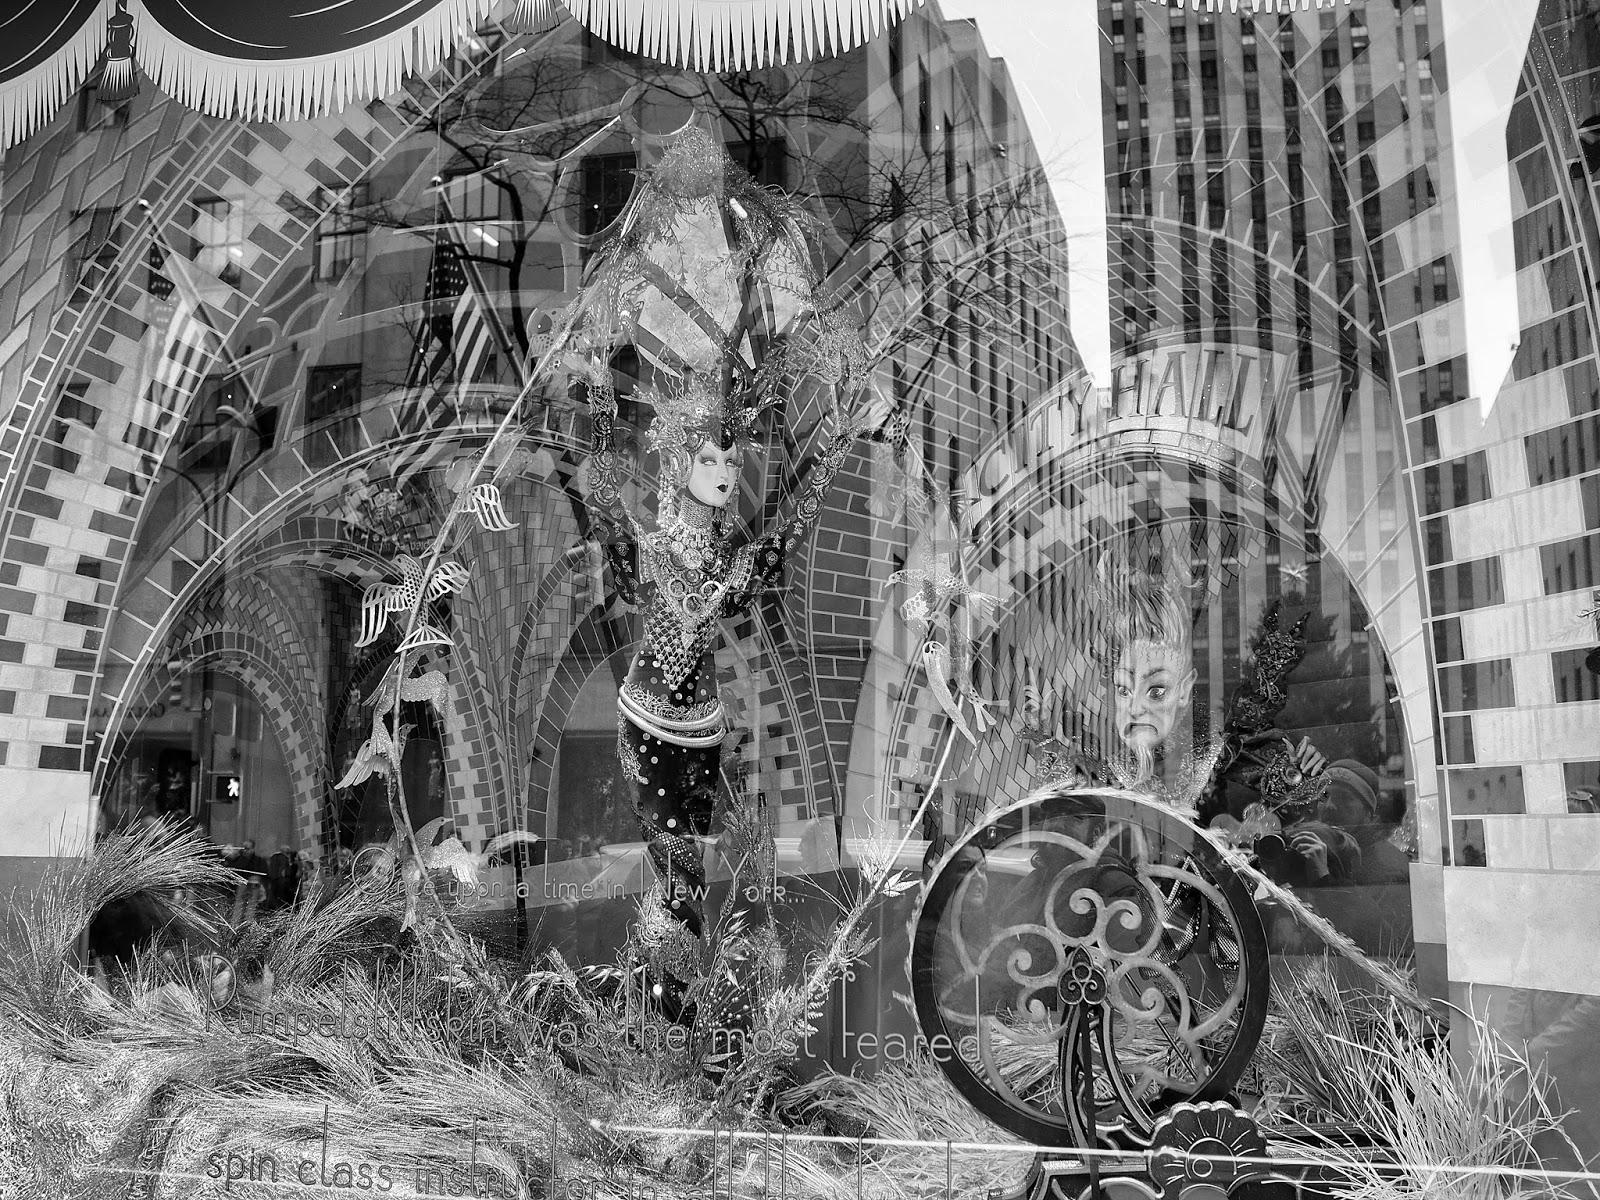 Spinning Gold (BW)  #spinninggoldbw #anenchantedexperience #saksholiday #saks #nyc ©2014 Nancy Lundebjerg